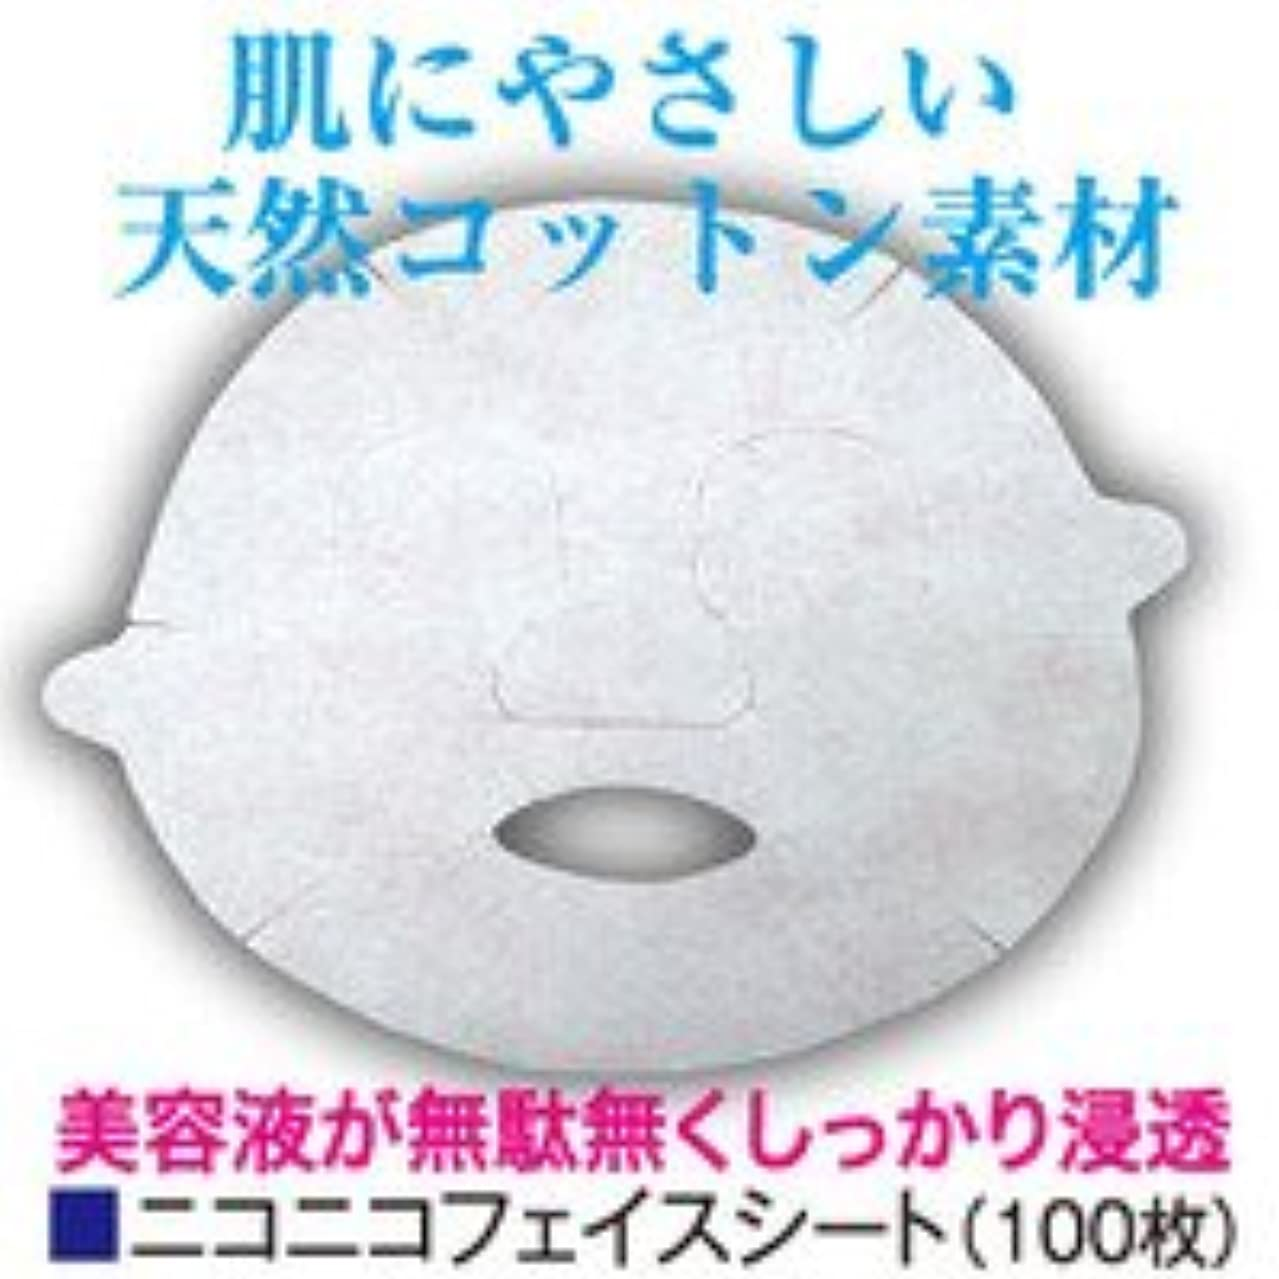 コンチネンタル伝記フィットフェイスシート 【ニコニコフェイスシート】 100枚